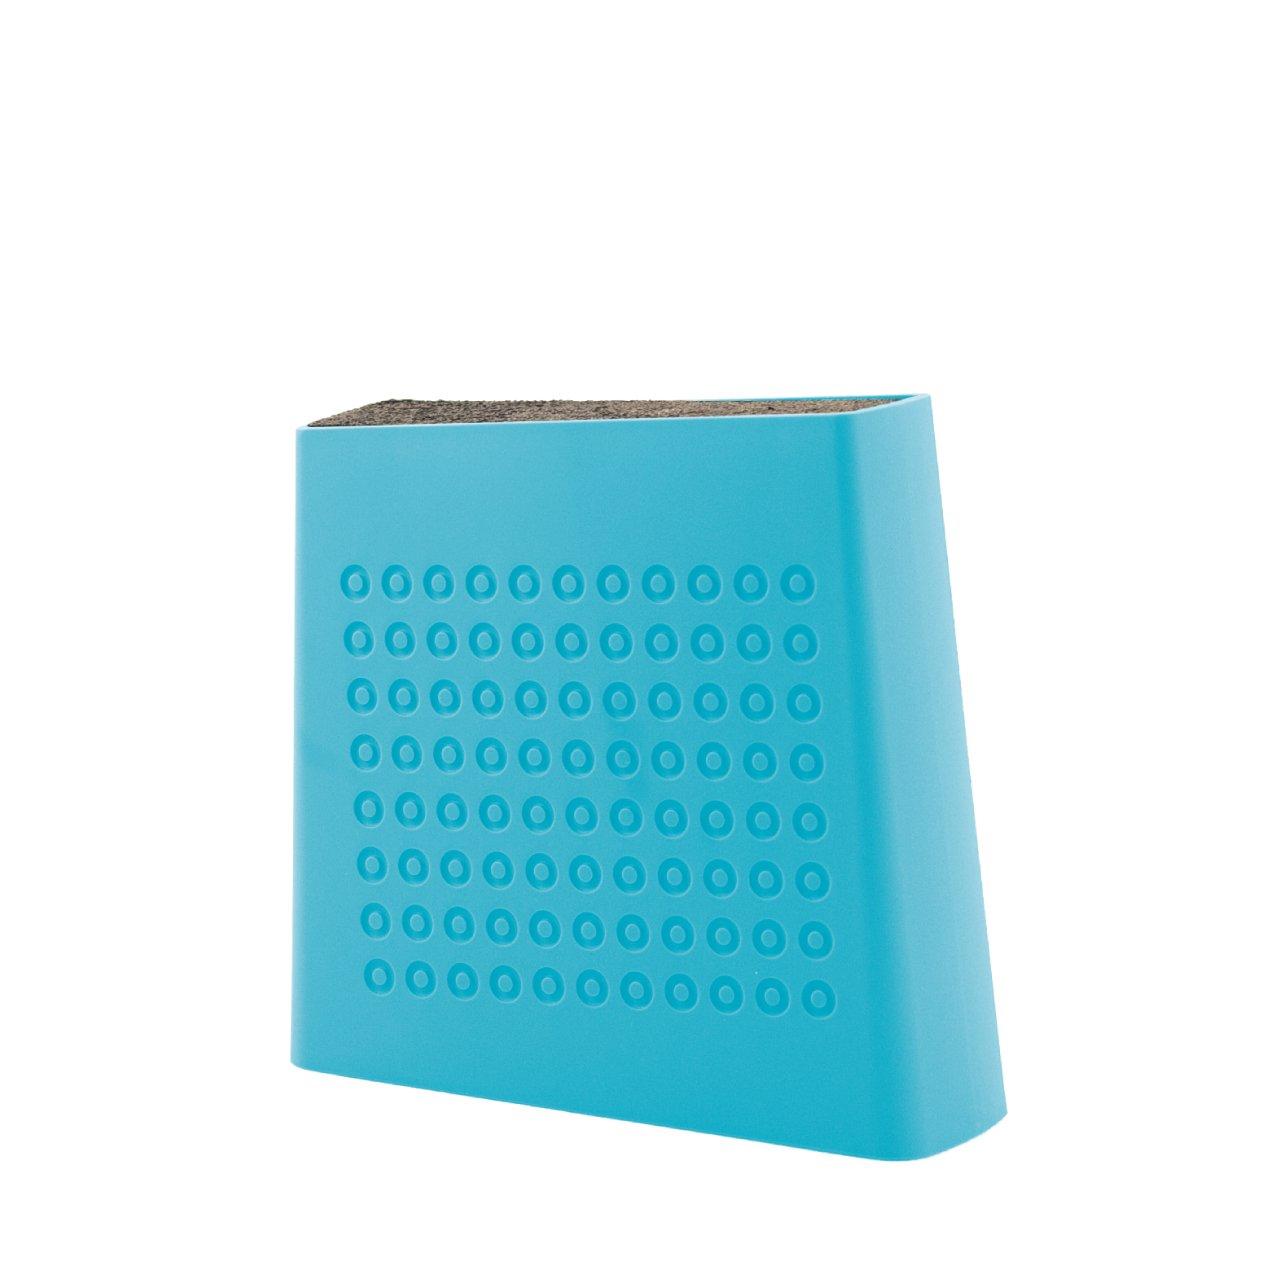 Kapoosh Urban Universal Knife Block- Aqua Blue